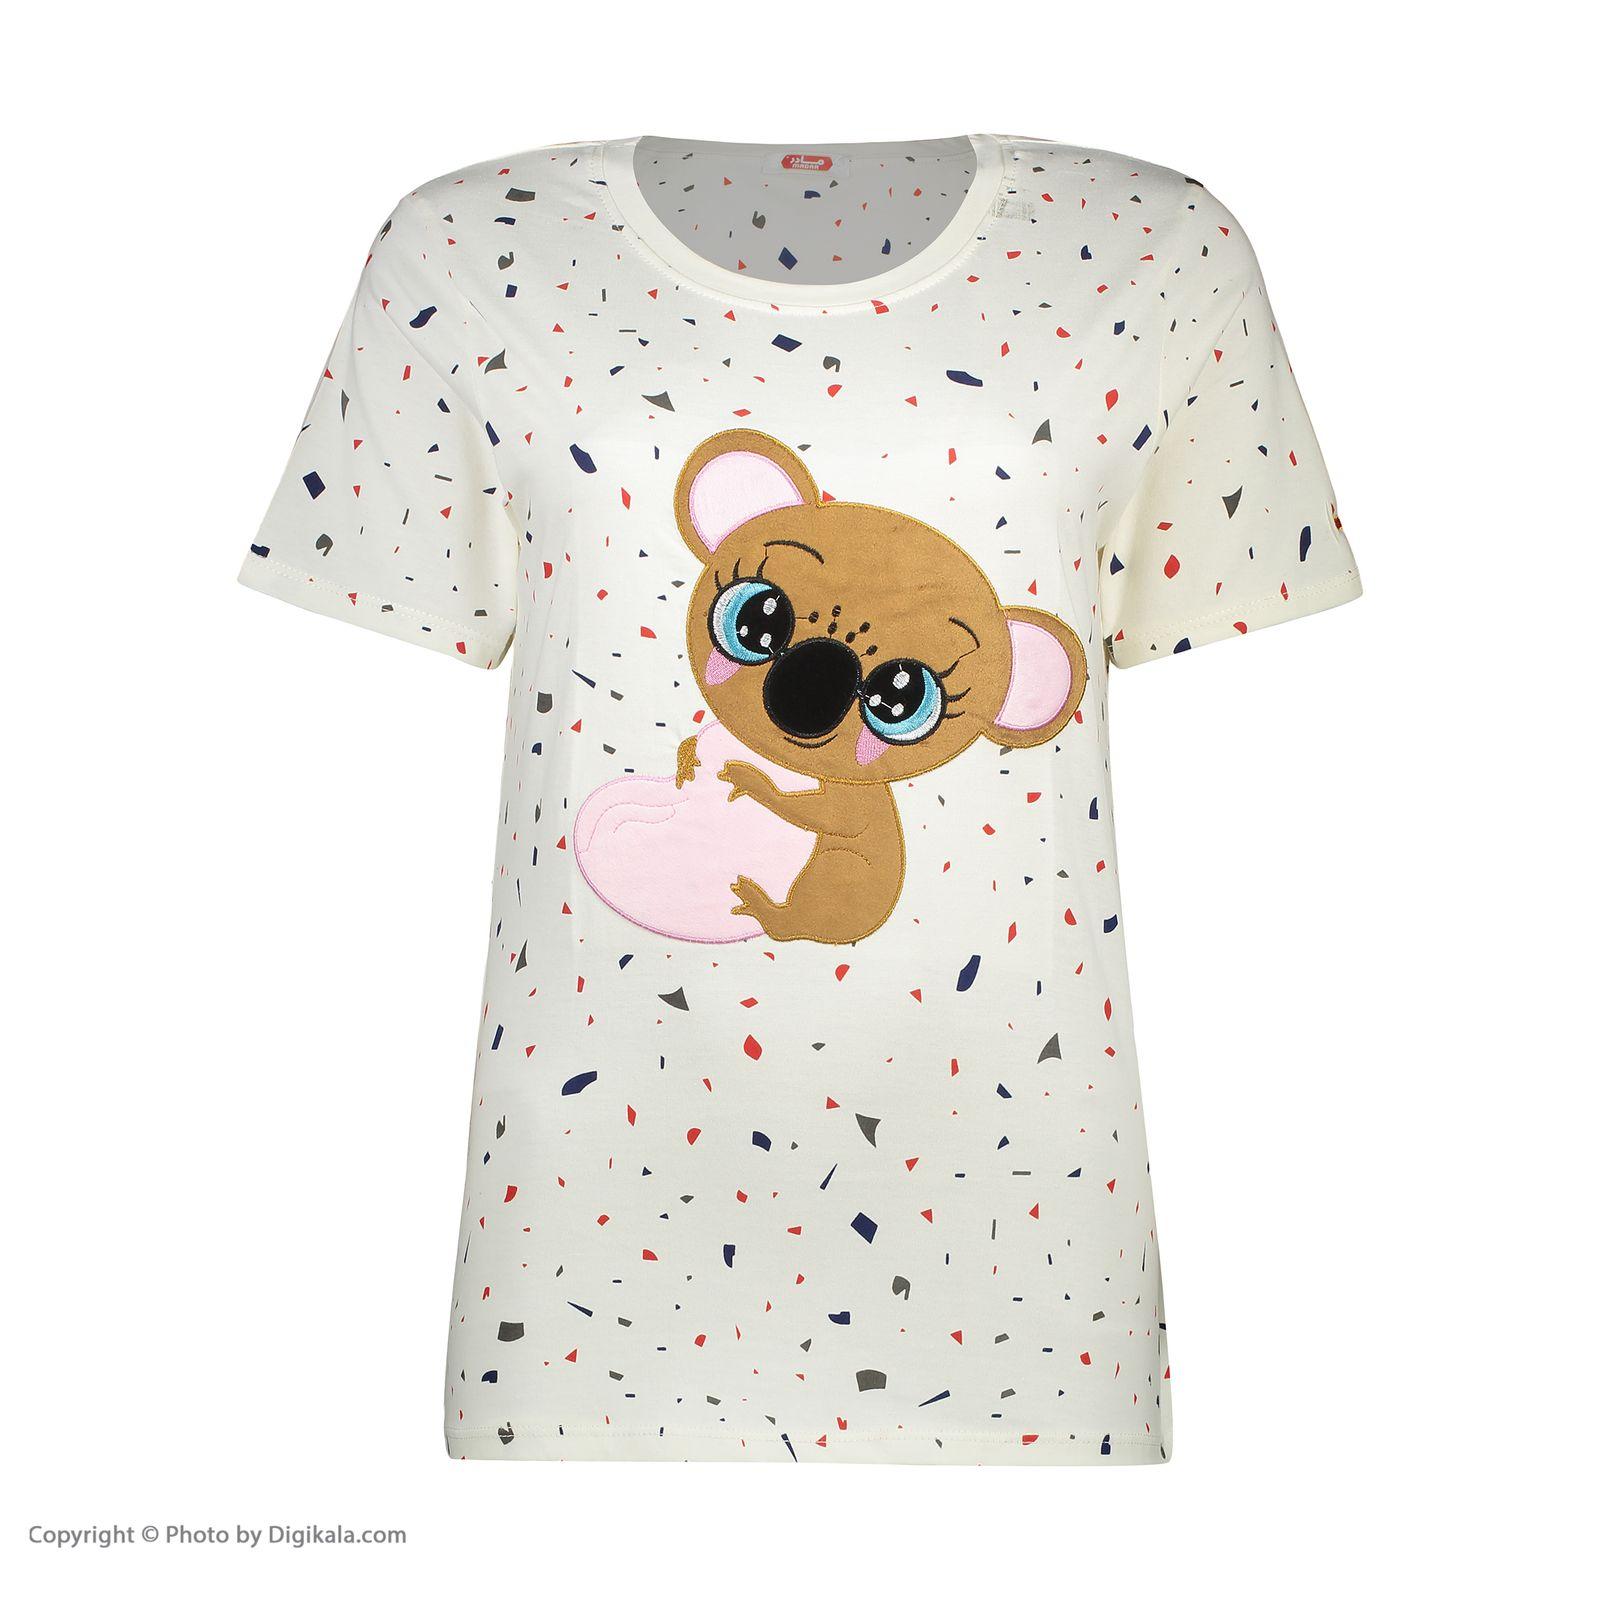 ست تی شرت و شلوارک راحتی زنانه مادر مدل 2041103-54 -  - 4